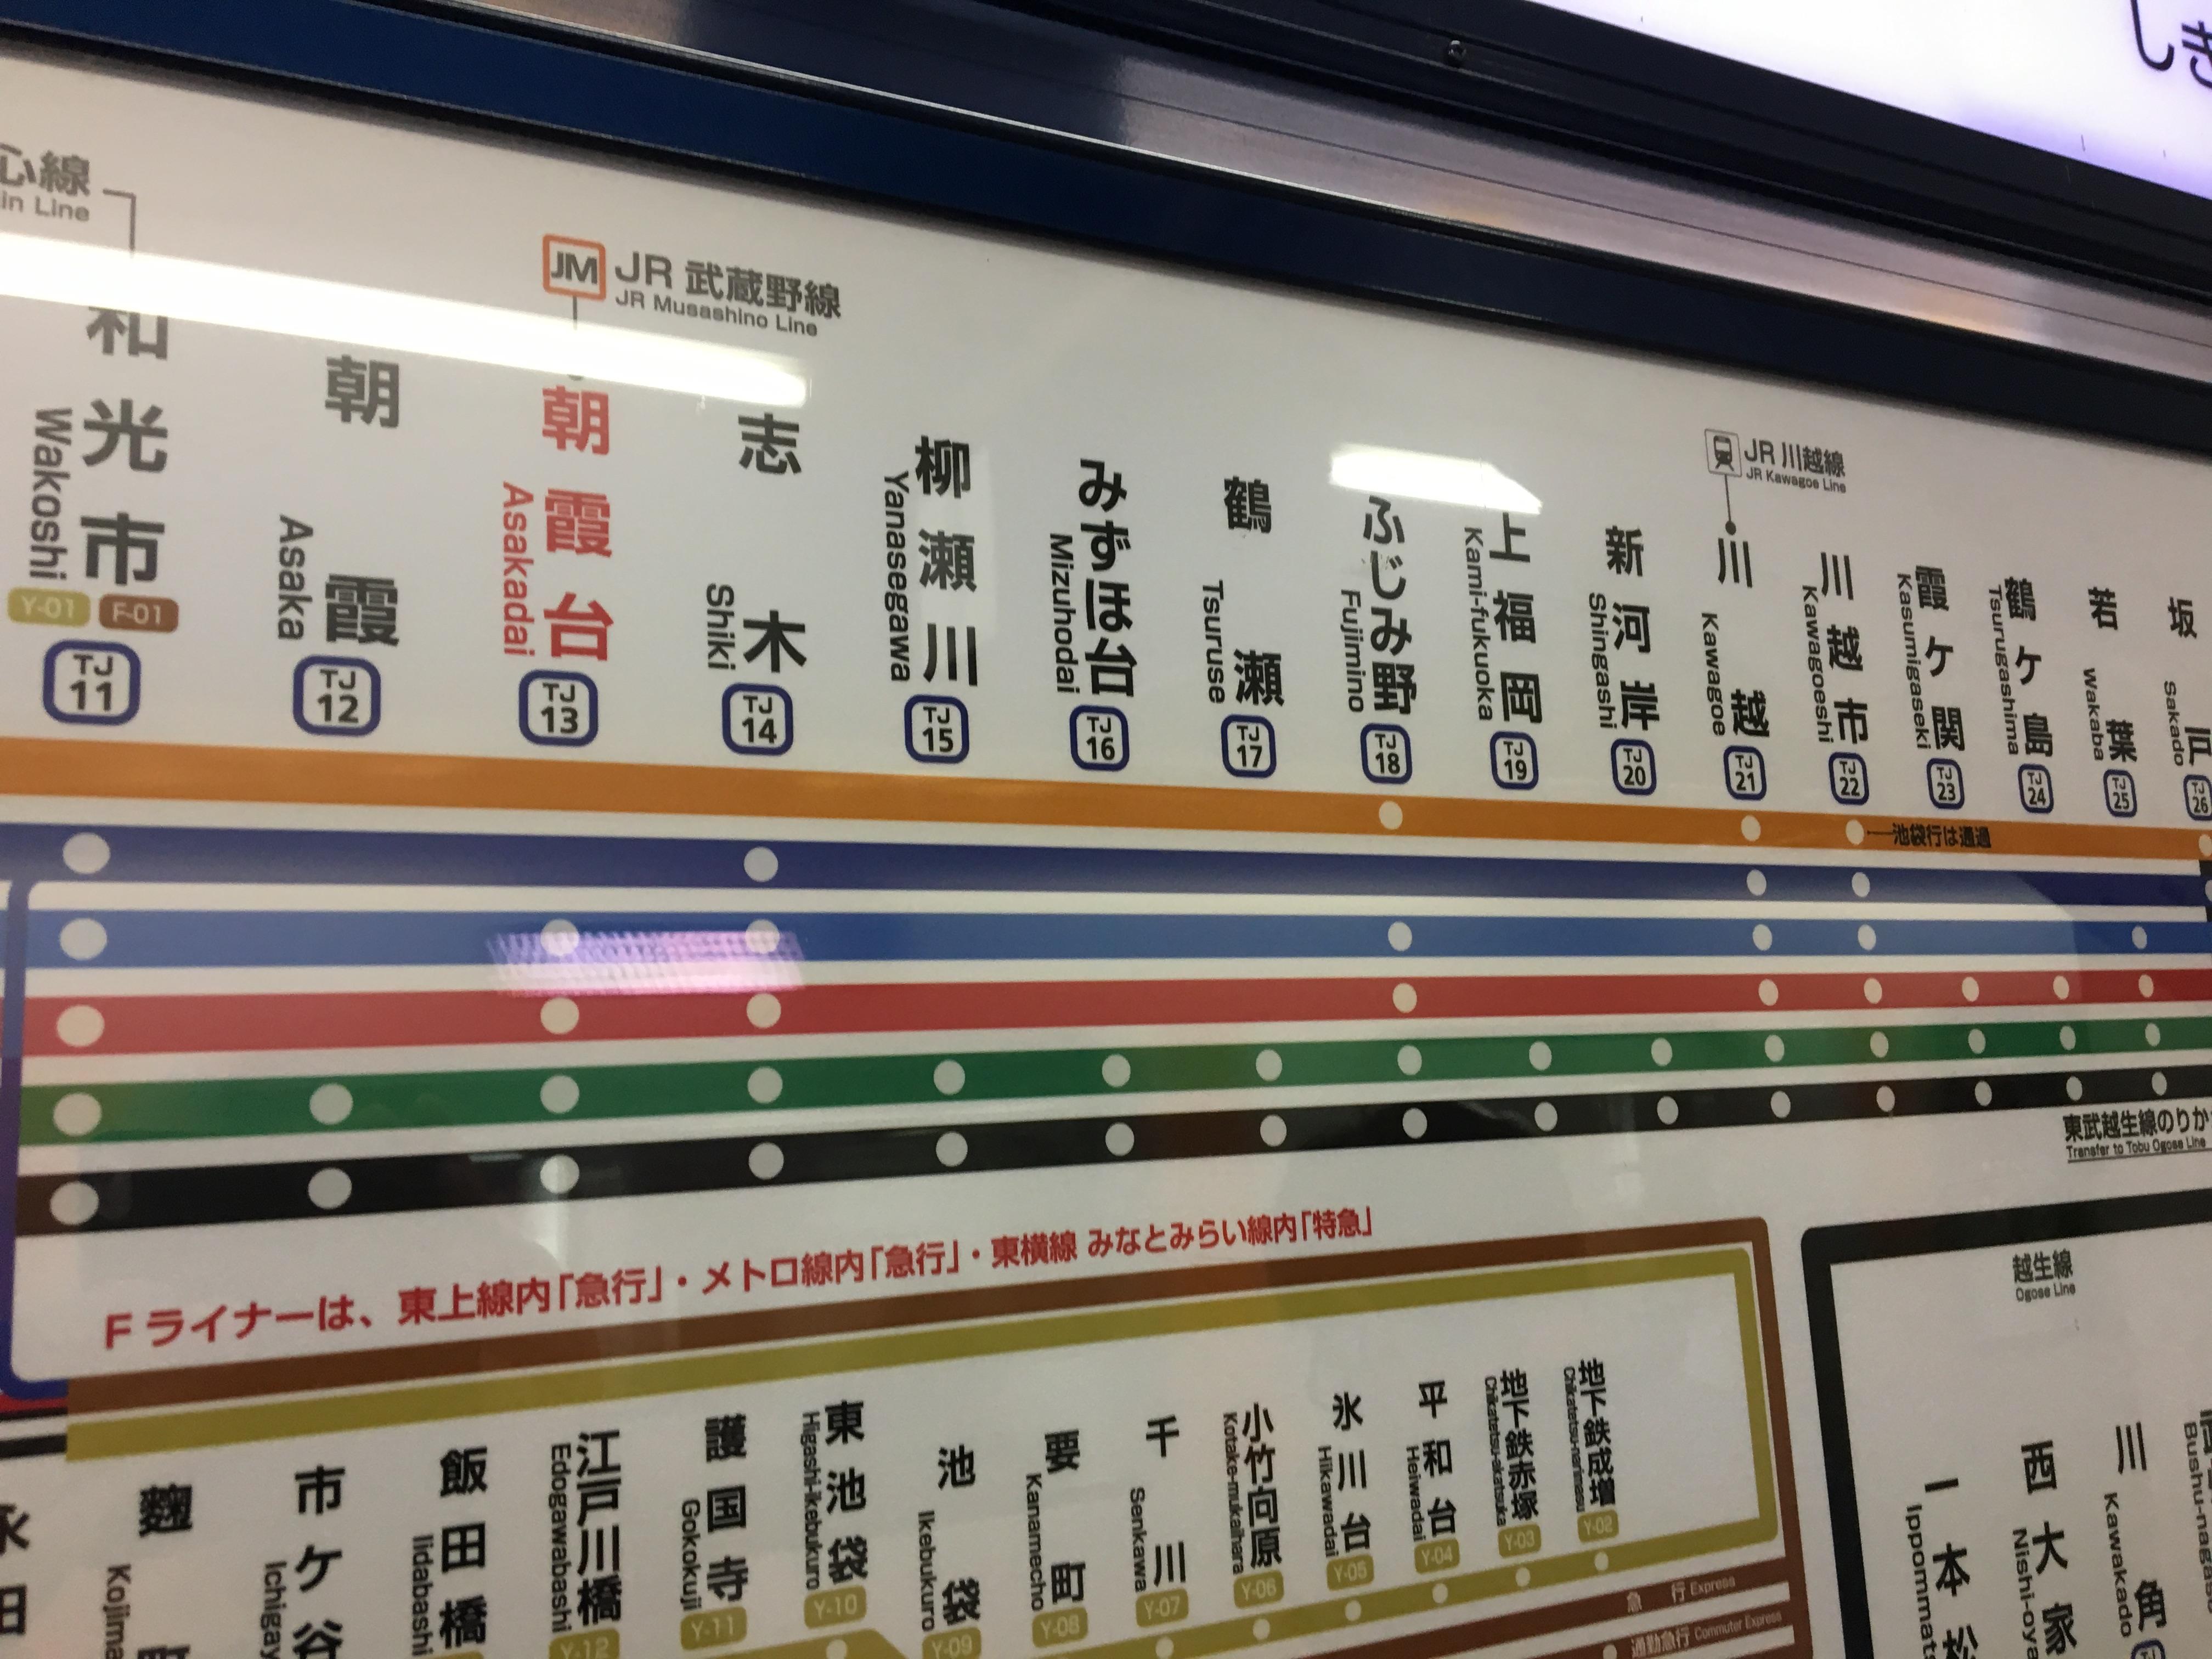 行ってみましたふじみ野市 その1 駅の名前にダマされるな!?